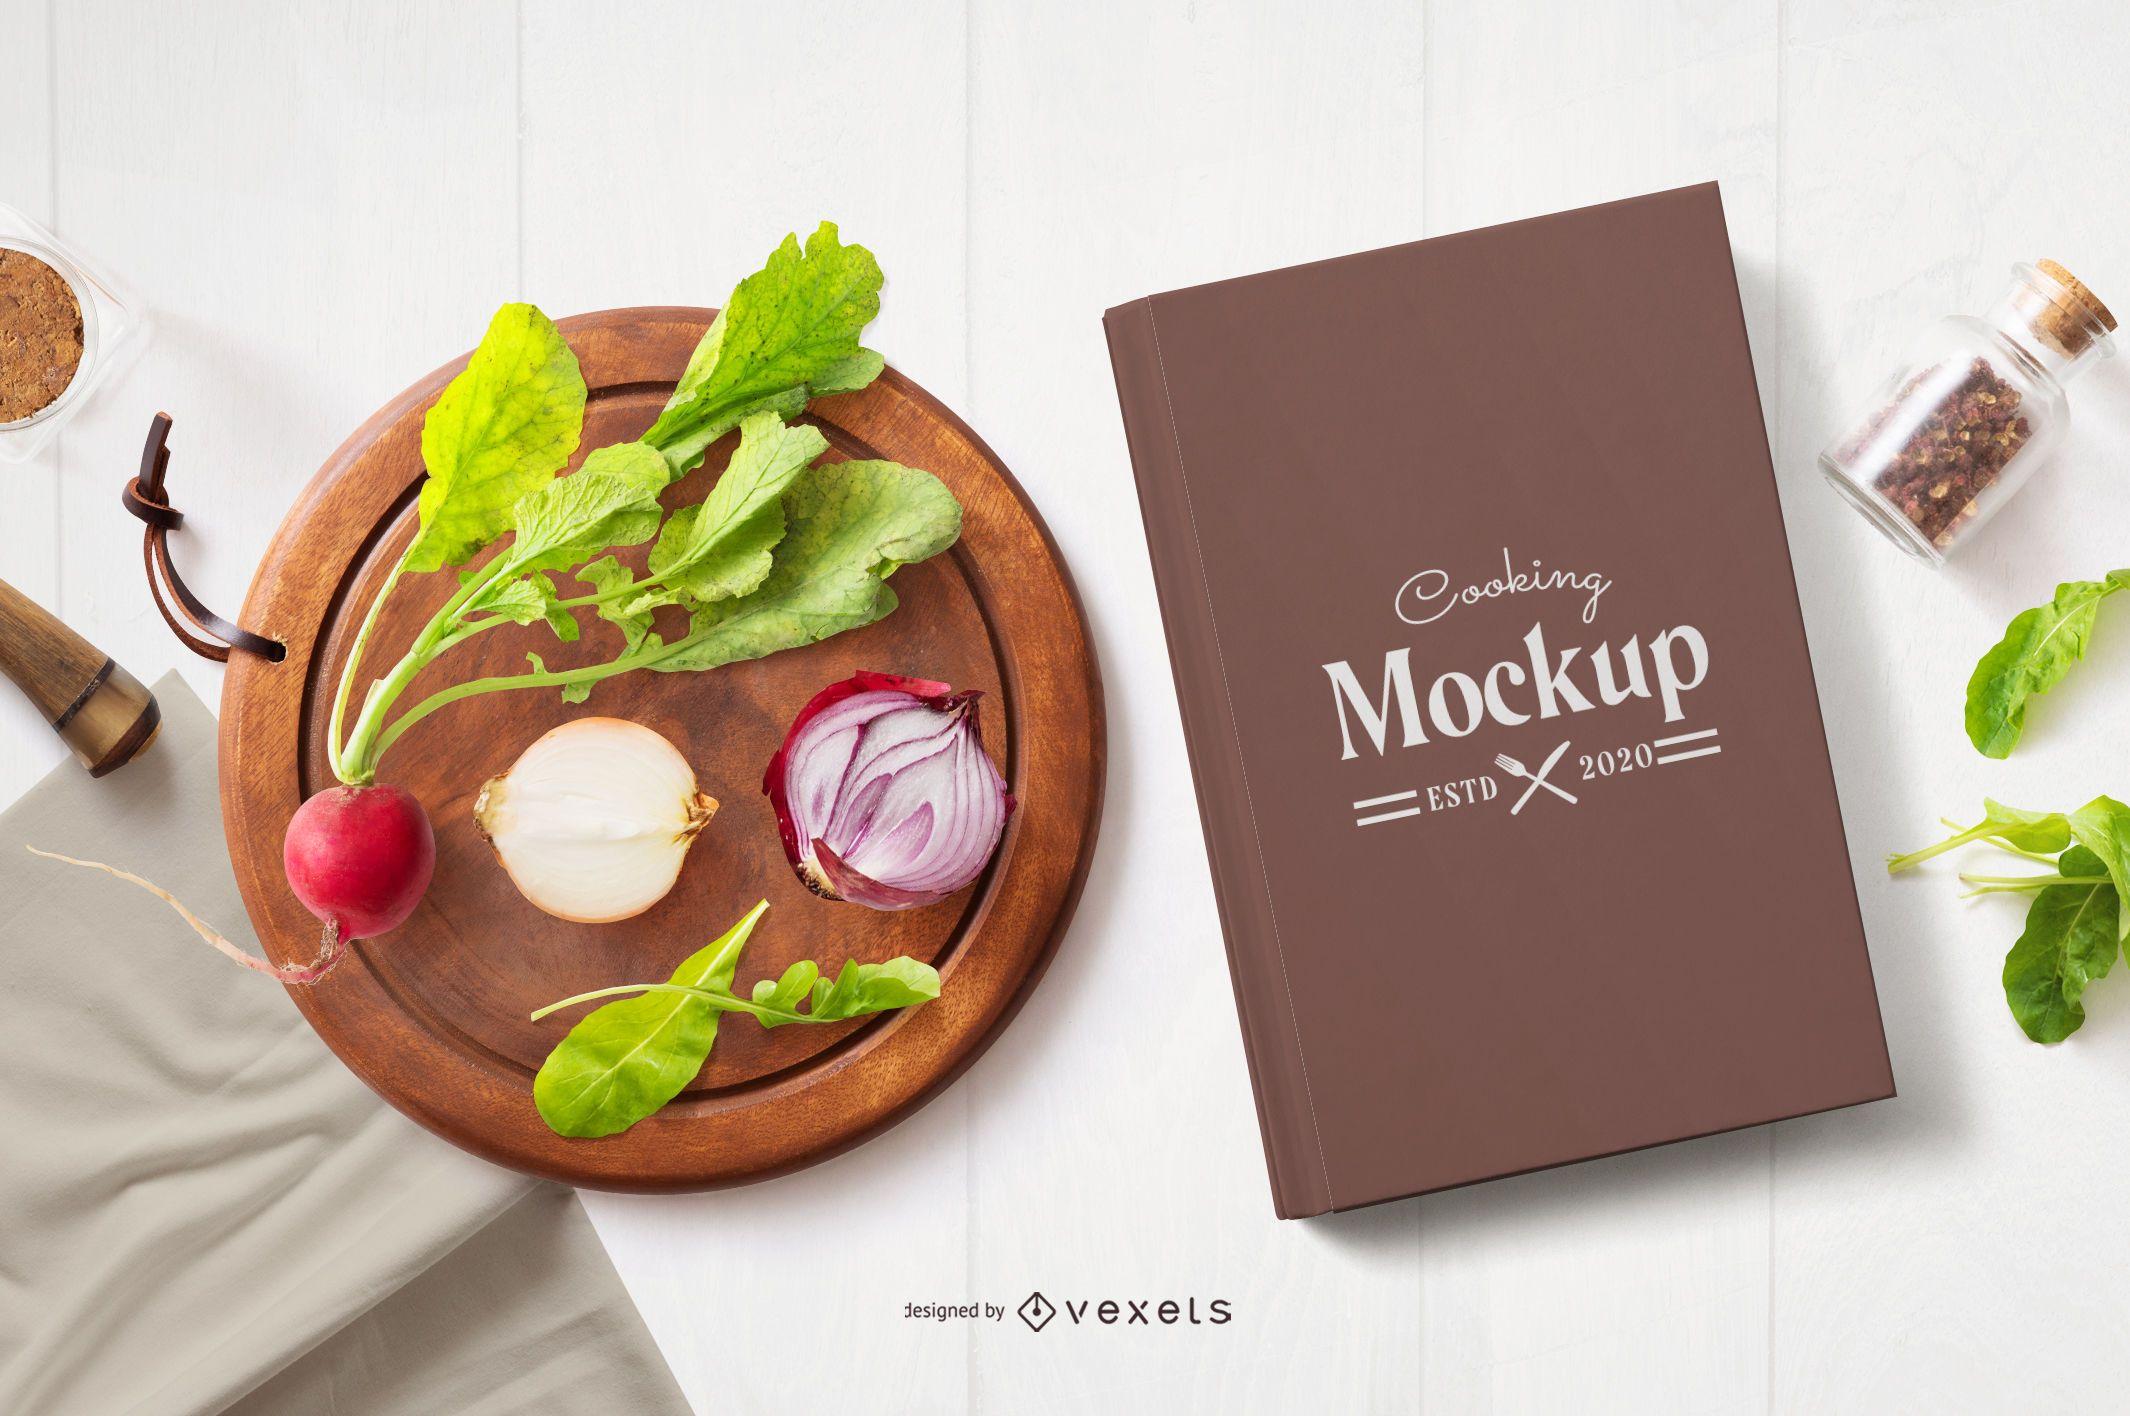 Composição de maquete de capa de livro de culinária